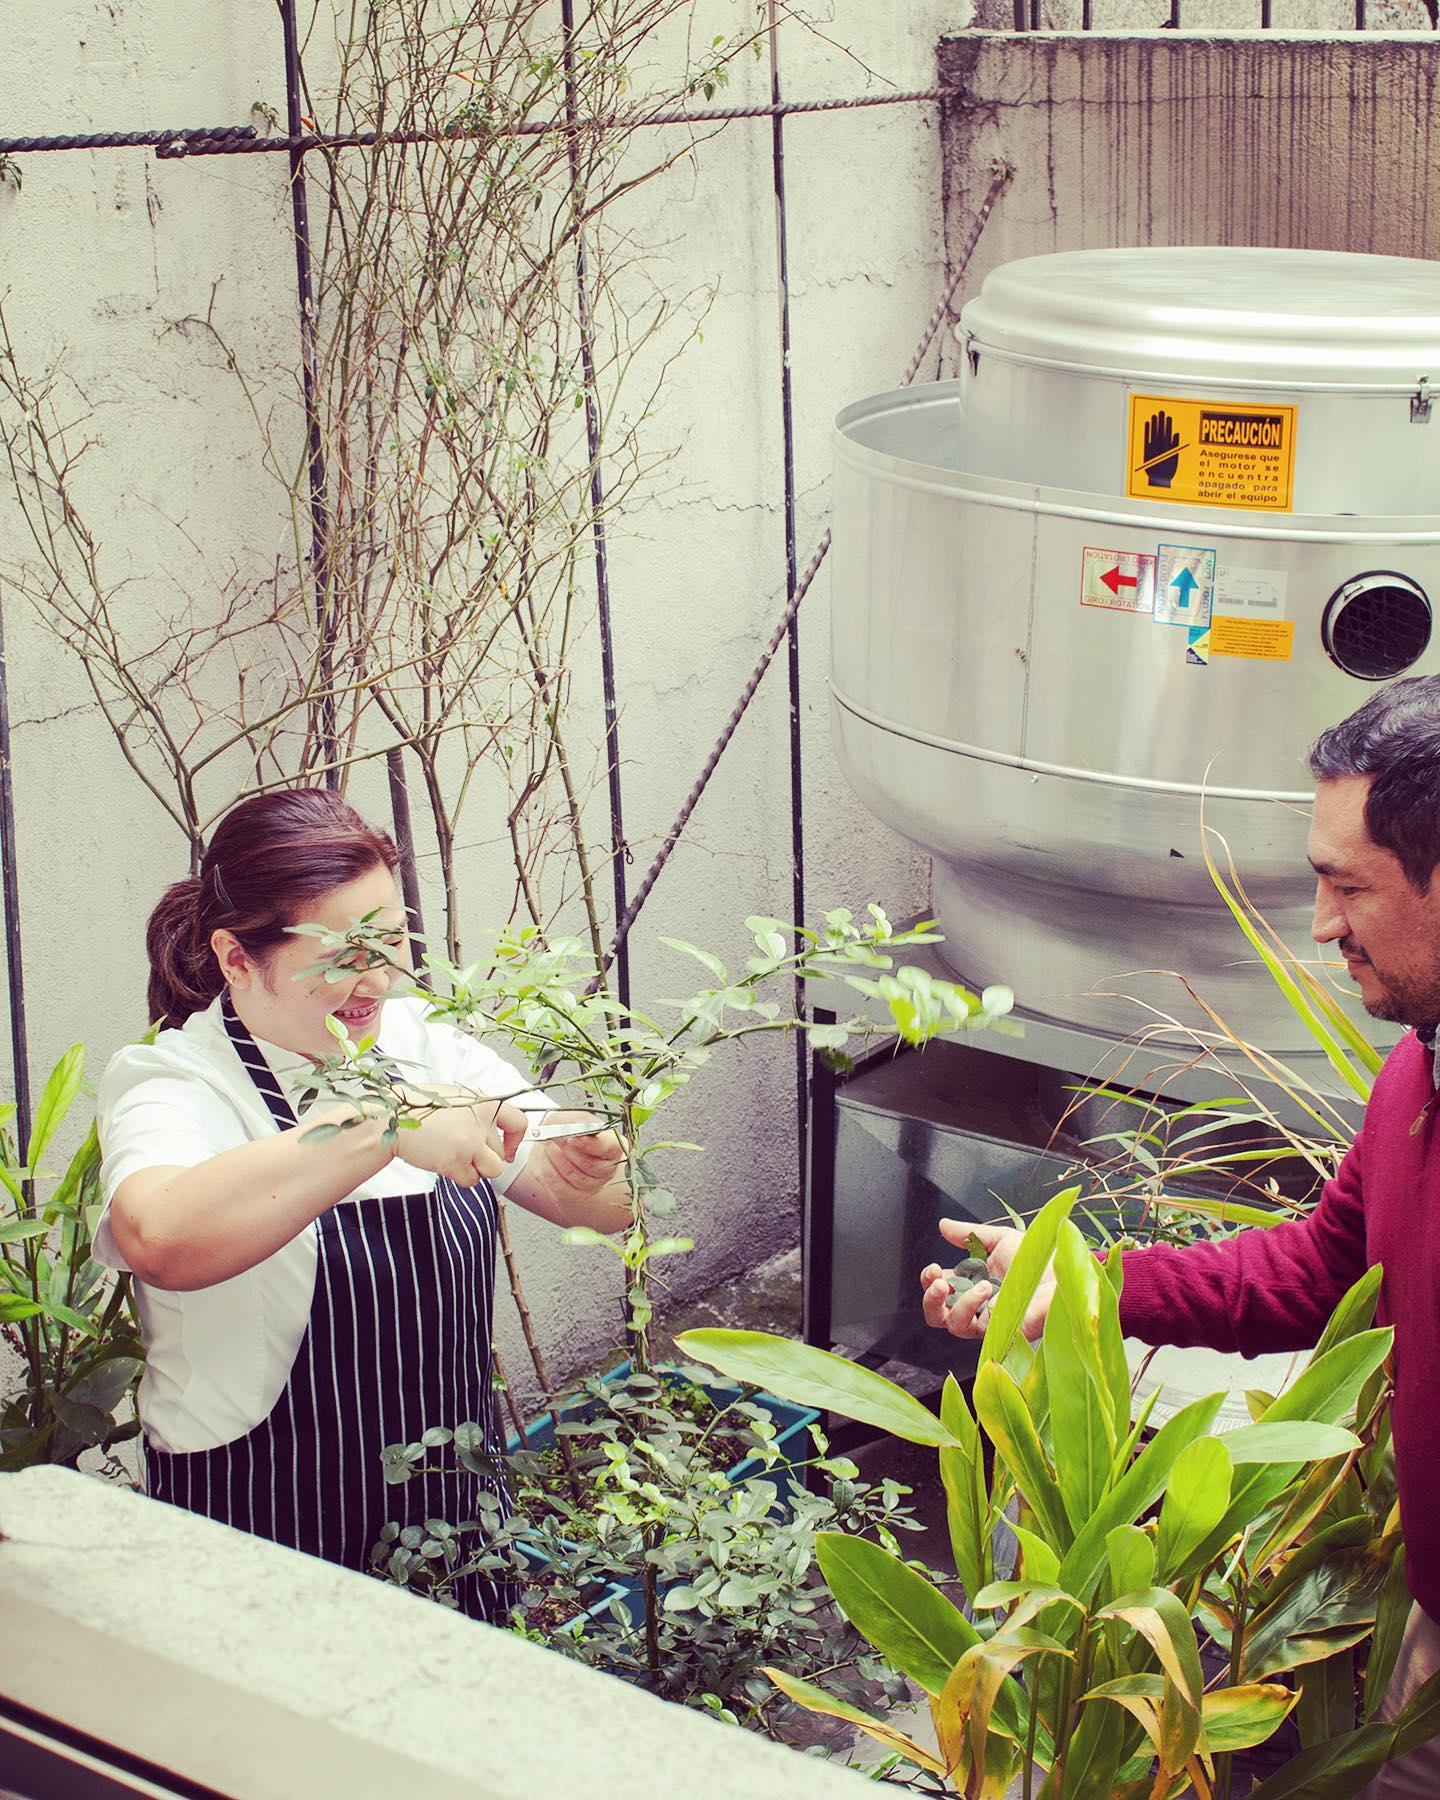 Ana & Eleazar and Kaffir lime. Photo courtesy Galanga